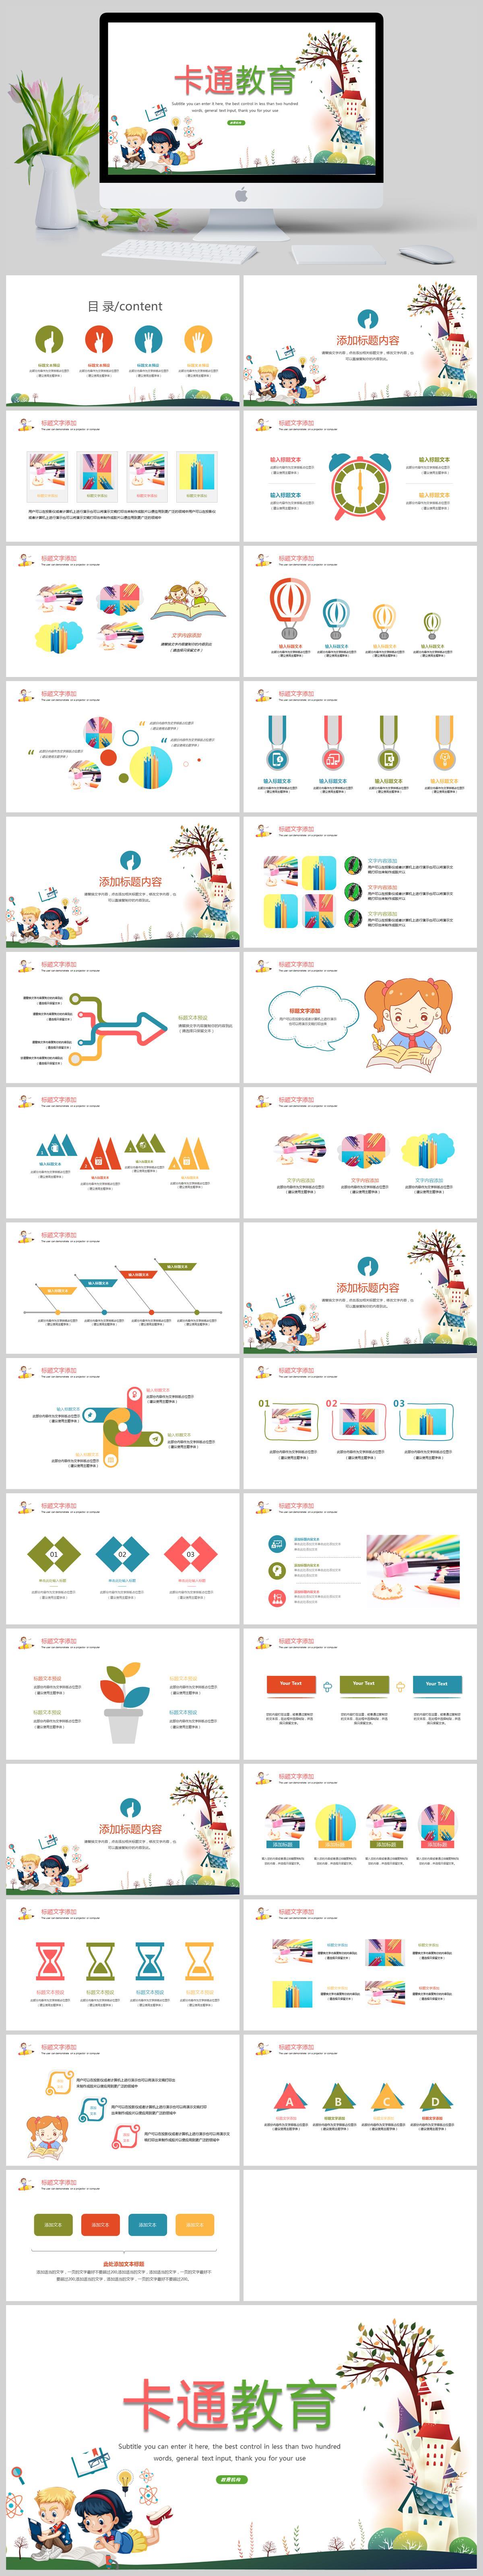 卡通教育教学设计公开课动态PPT亚博体育主页